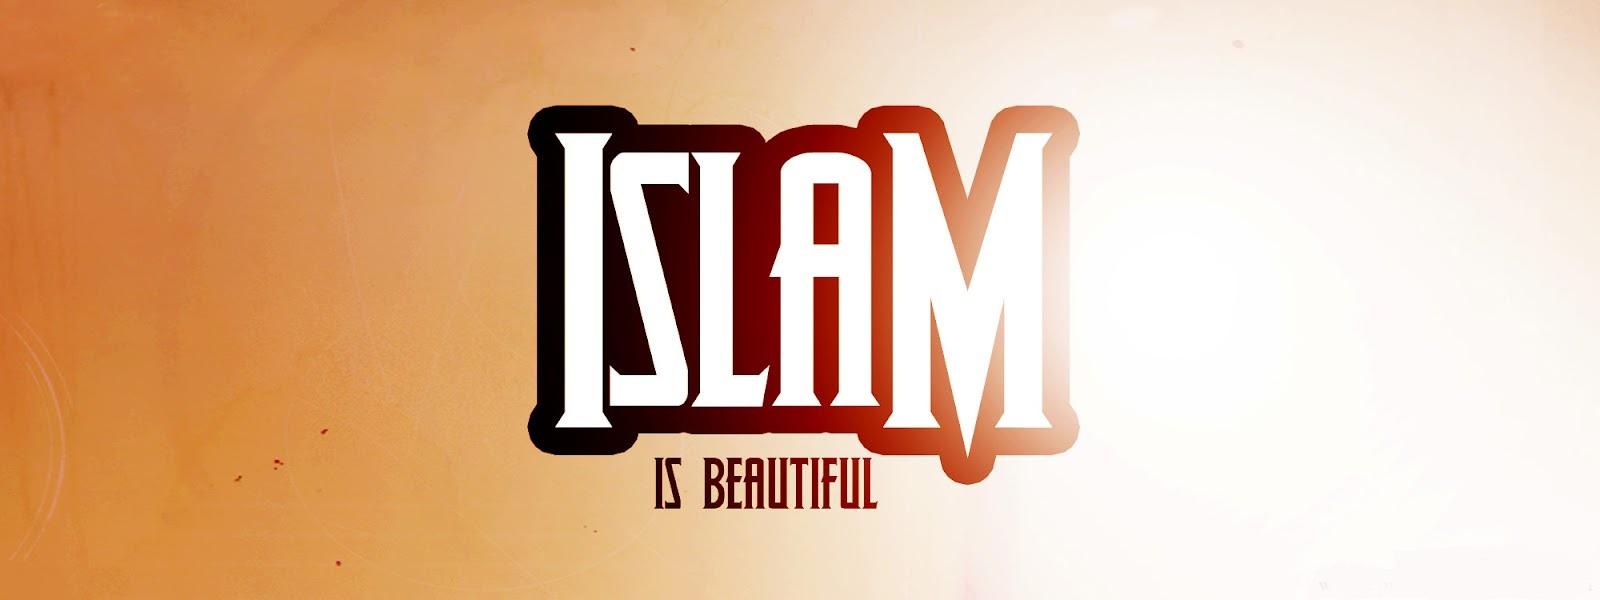 facebook kapak fotoğrafı, facebook kapak fotoğrafı indir, kızlar için kapak fotoğrafları, kalpli kapak fotoğrafı, islami kapak fotoğrafı, Allah yazılı kapak fotoğrafı,